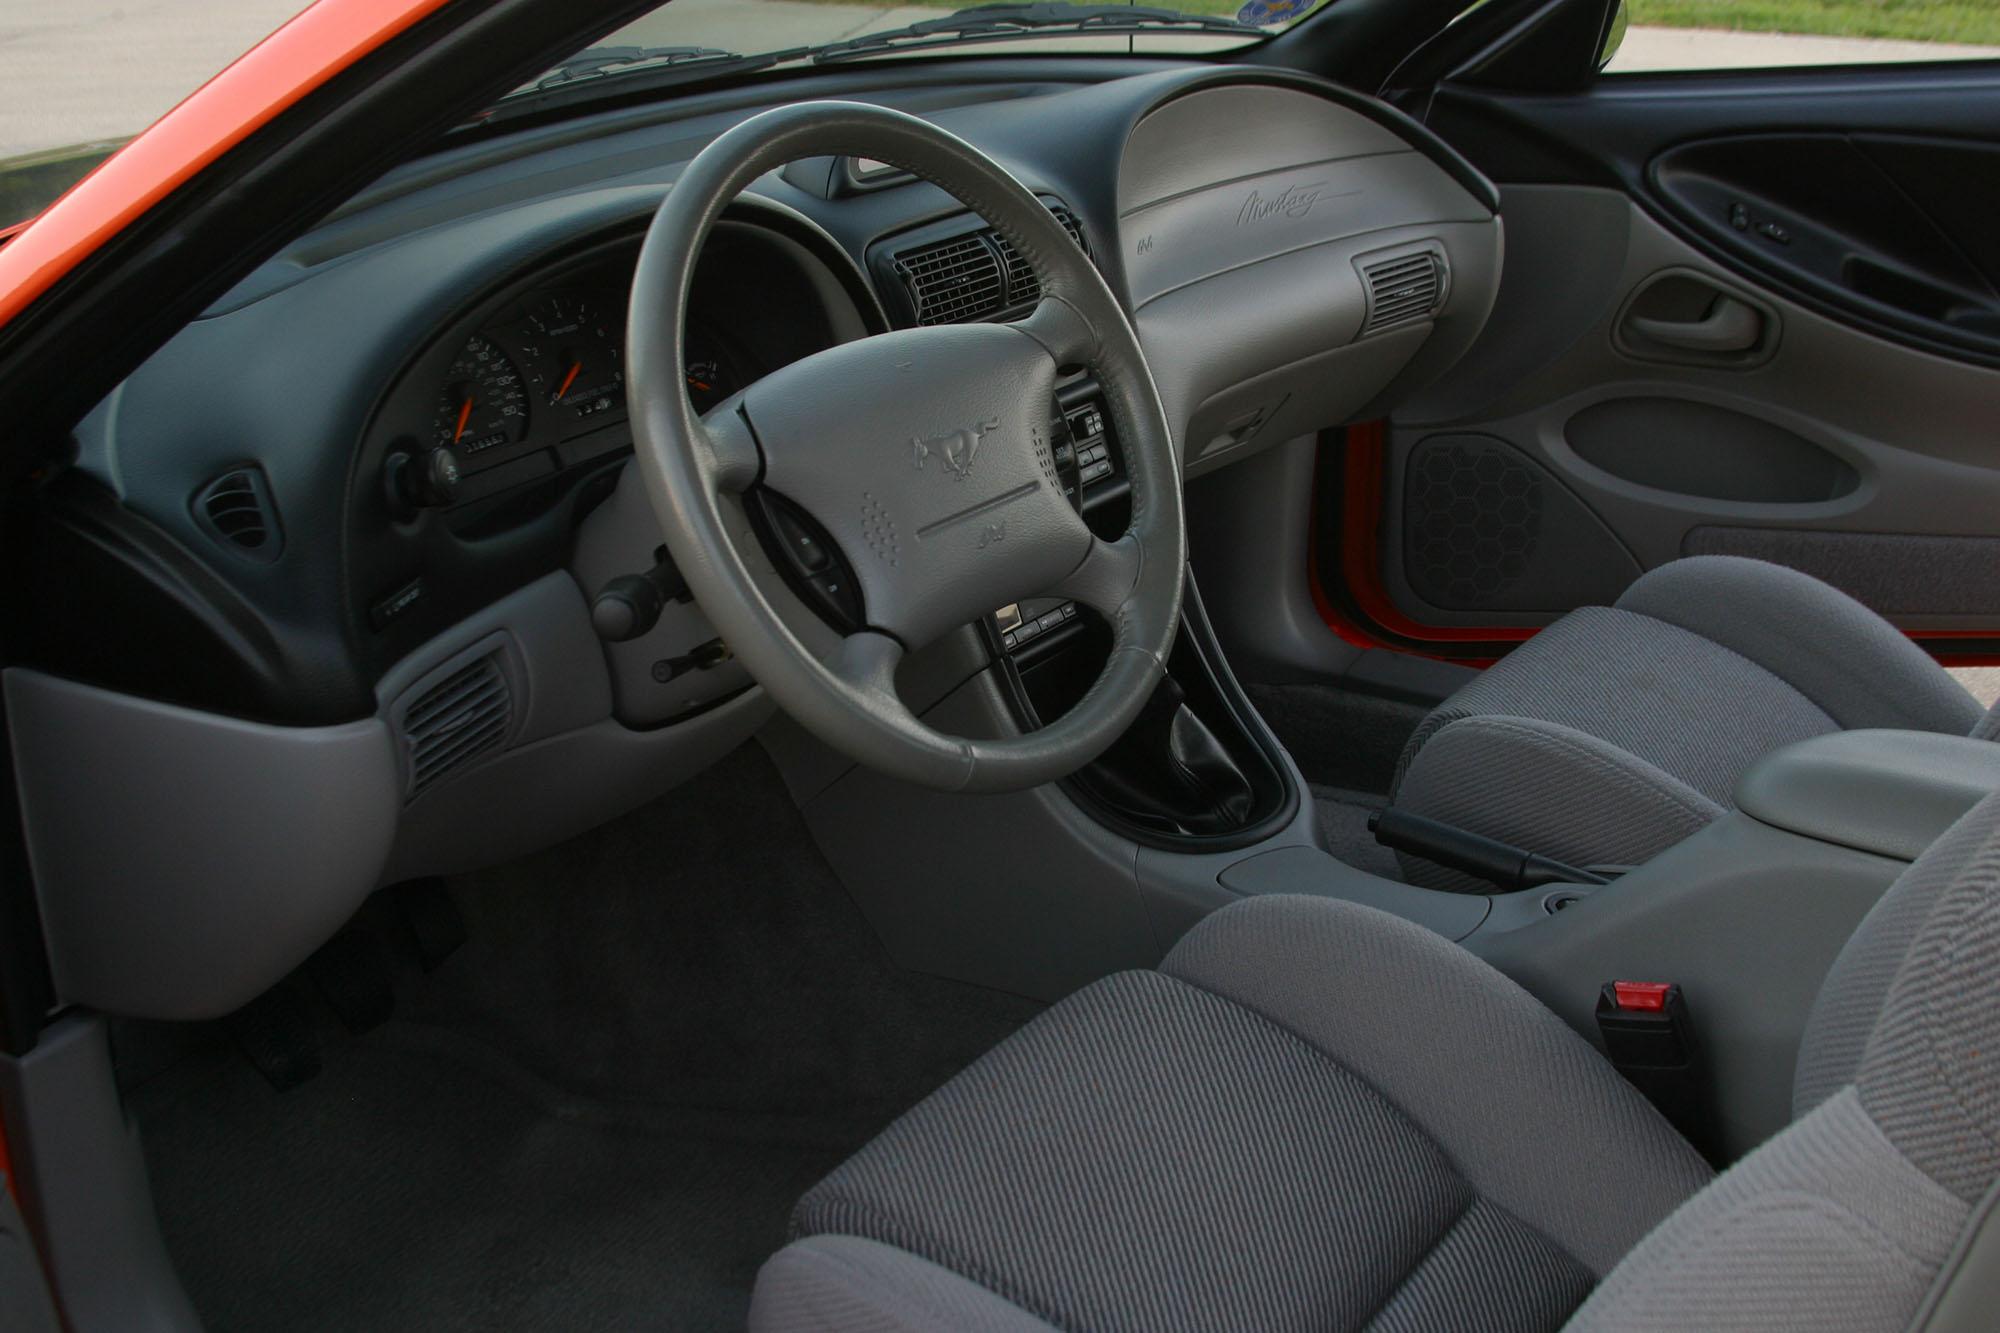 David and Jean's 1996 Mustang interior